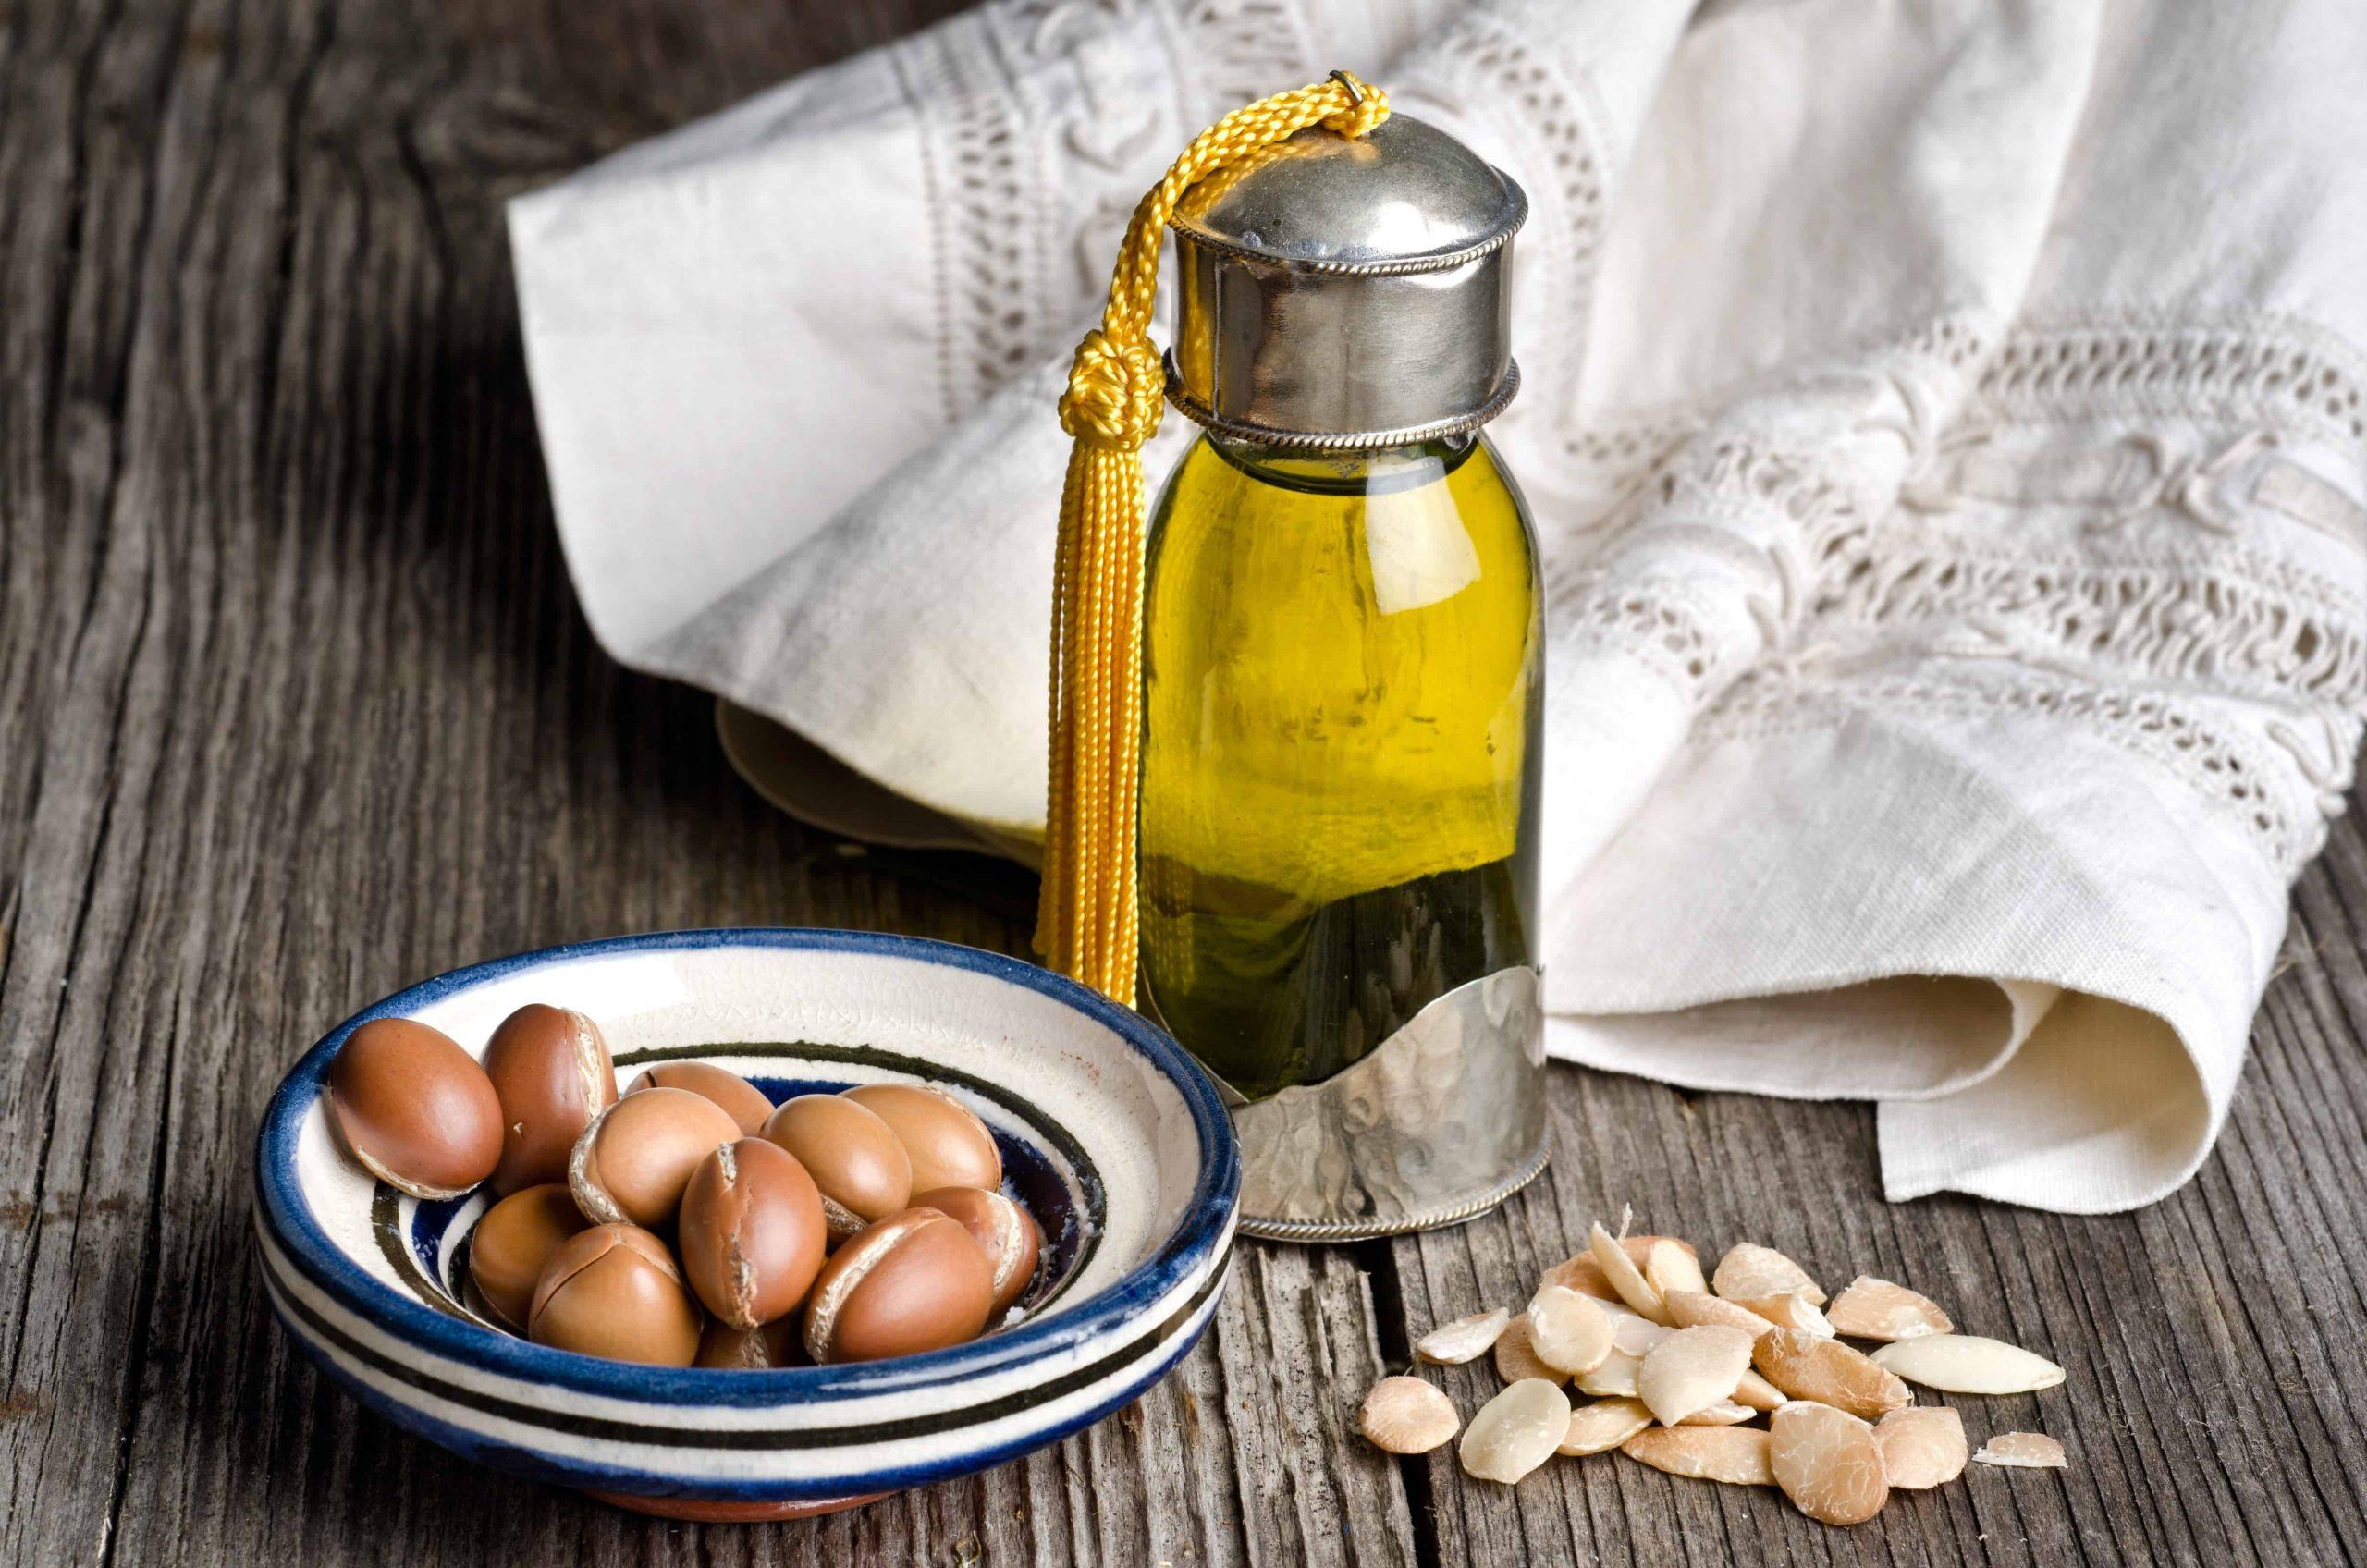 Miglior olio di Argan 2021: Guida all'acquisto